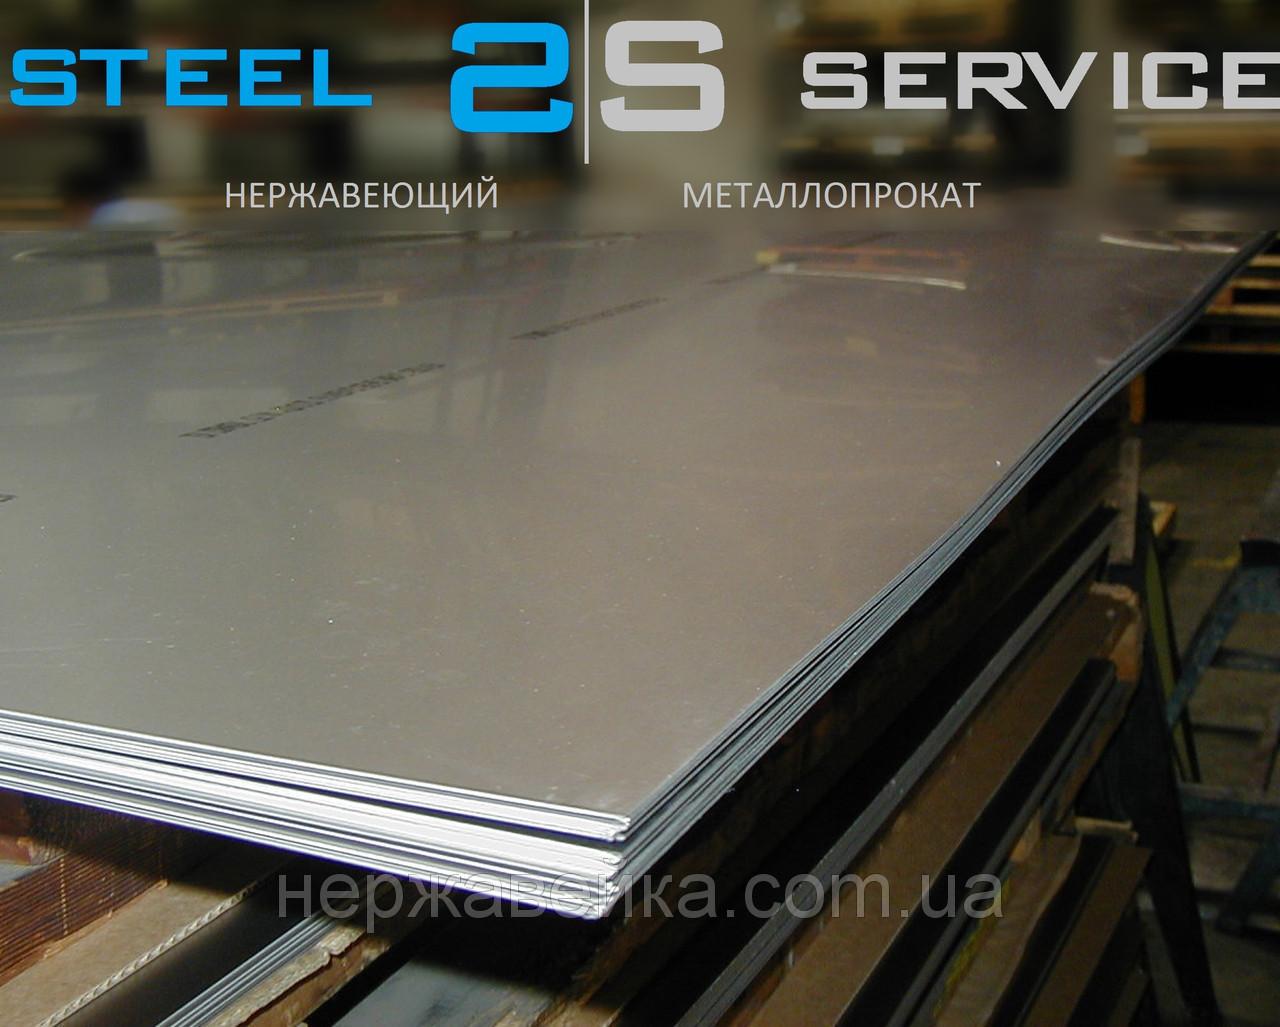 Нержавейка лист 1х1250х2500мм  AISI 316L(03Х17Н14М3) BA - зеркало,  кислотостойкий